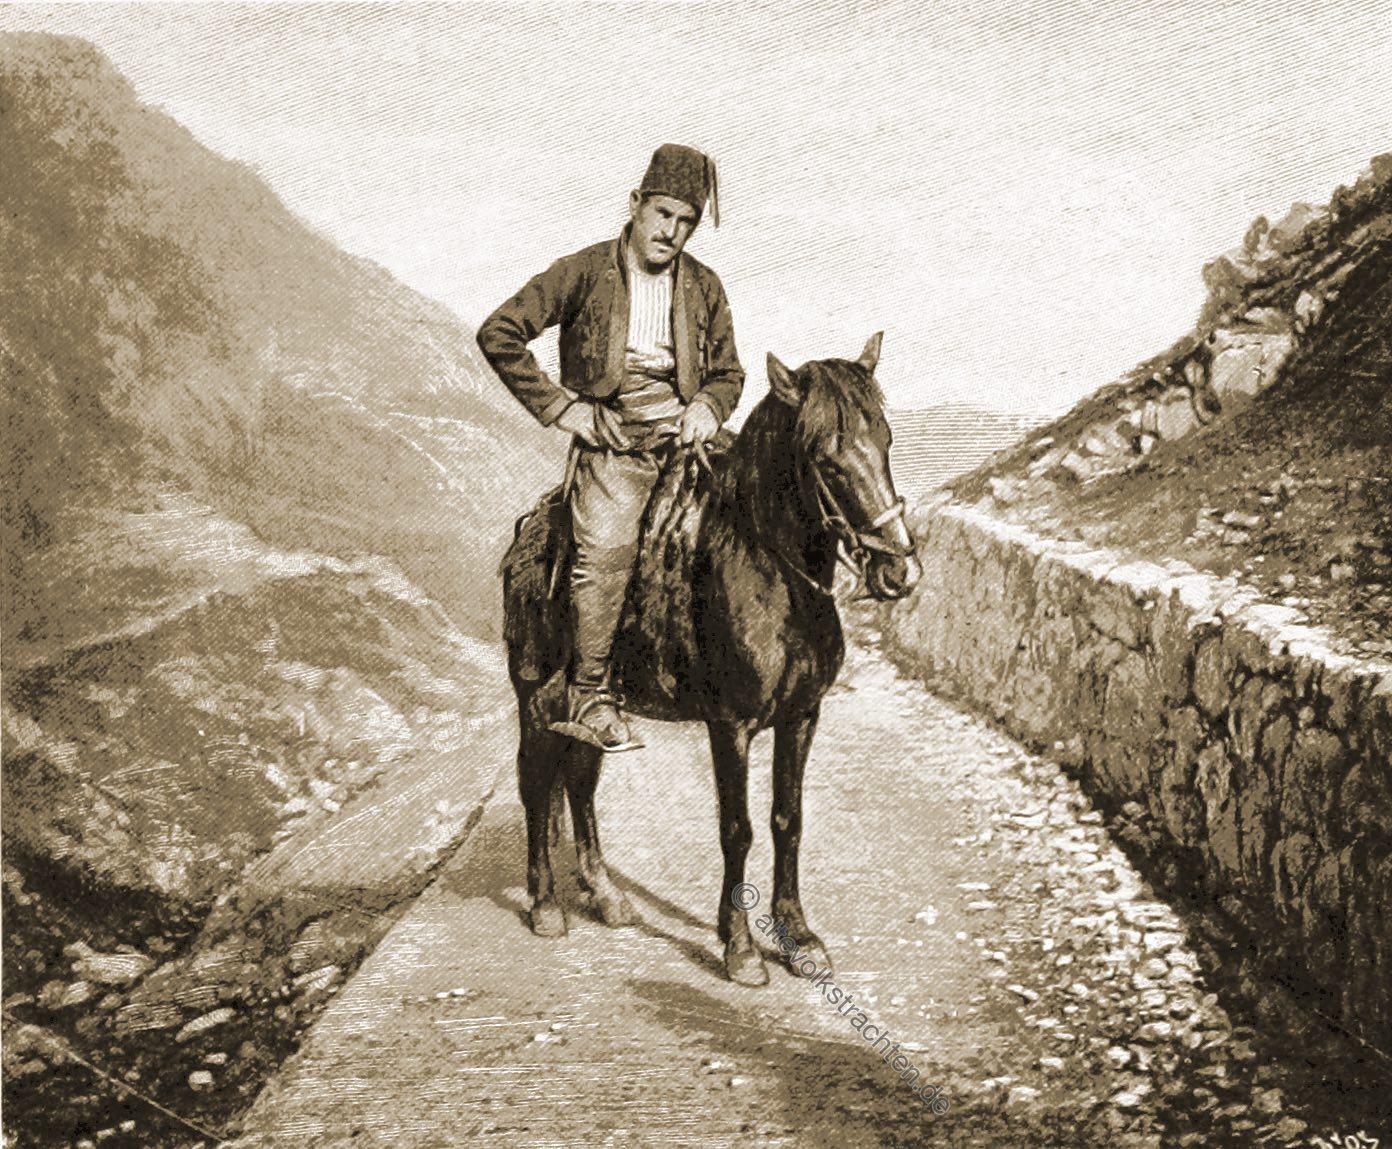 Pony, Bosnisches, Reitpferd, Trachten, Bosnien, Herzegowina, Guillaume Capus, Reiseliteratur, Balkan